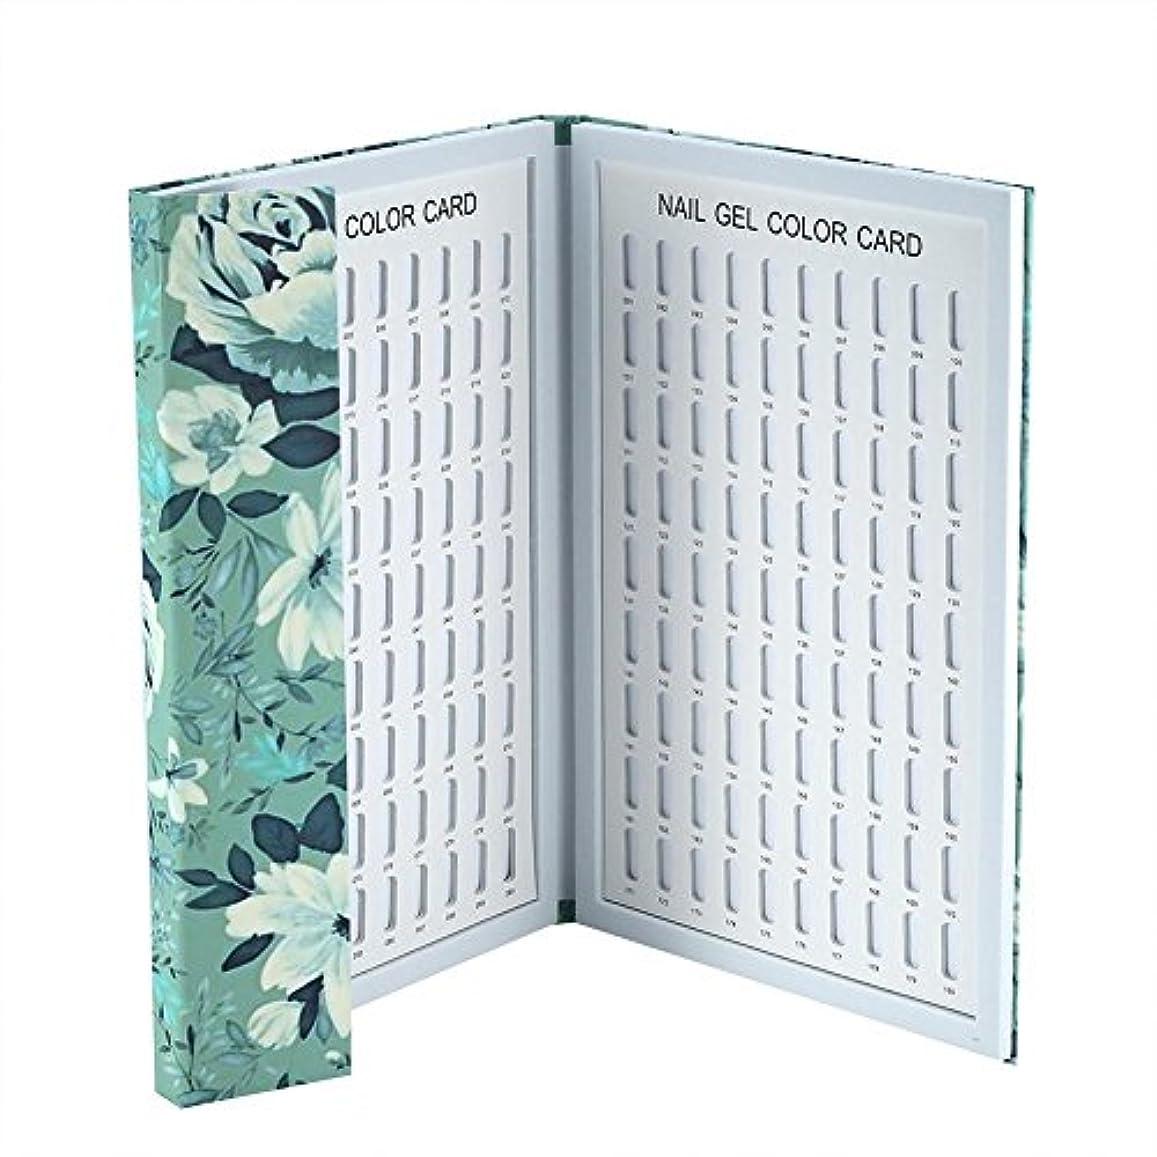 診断する明らかにする簡単にカラーチャート ネイル - Delaman ネイル 色見本、ブック型、180色、カラーガイド、ジェルネイル、サンプル帳、ネイルアート、サロン、青/緑 (Color : 緑)